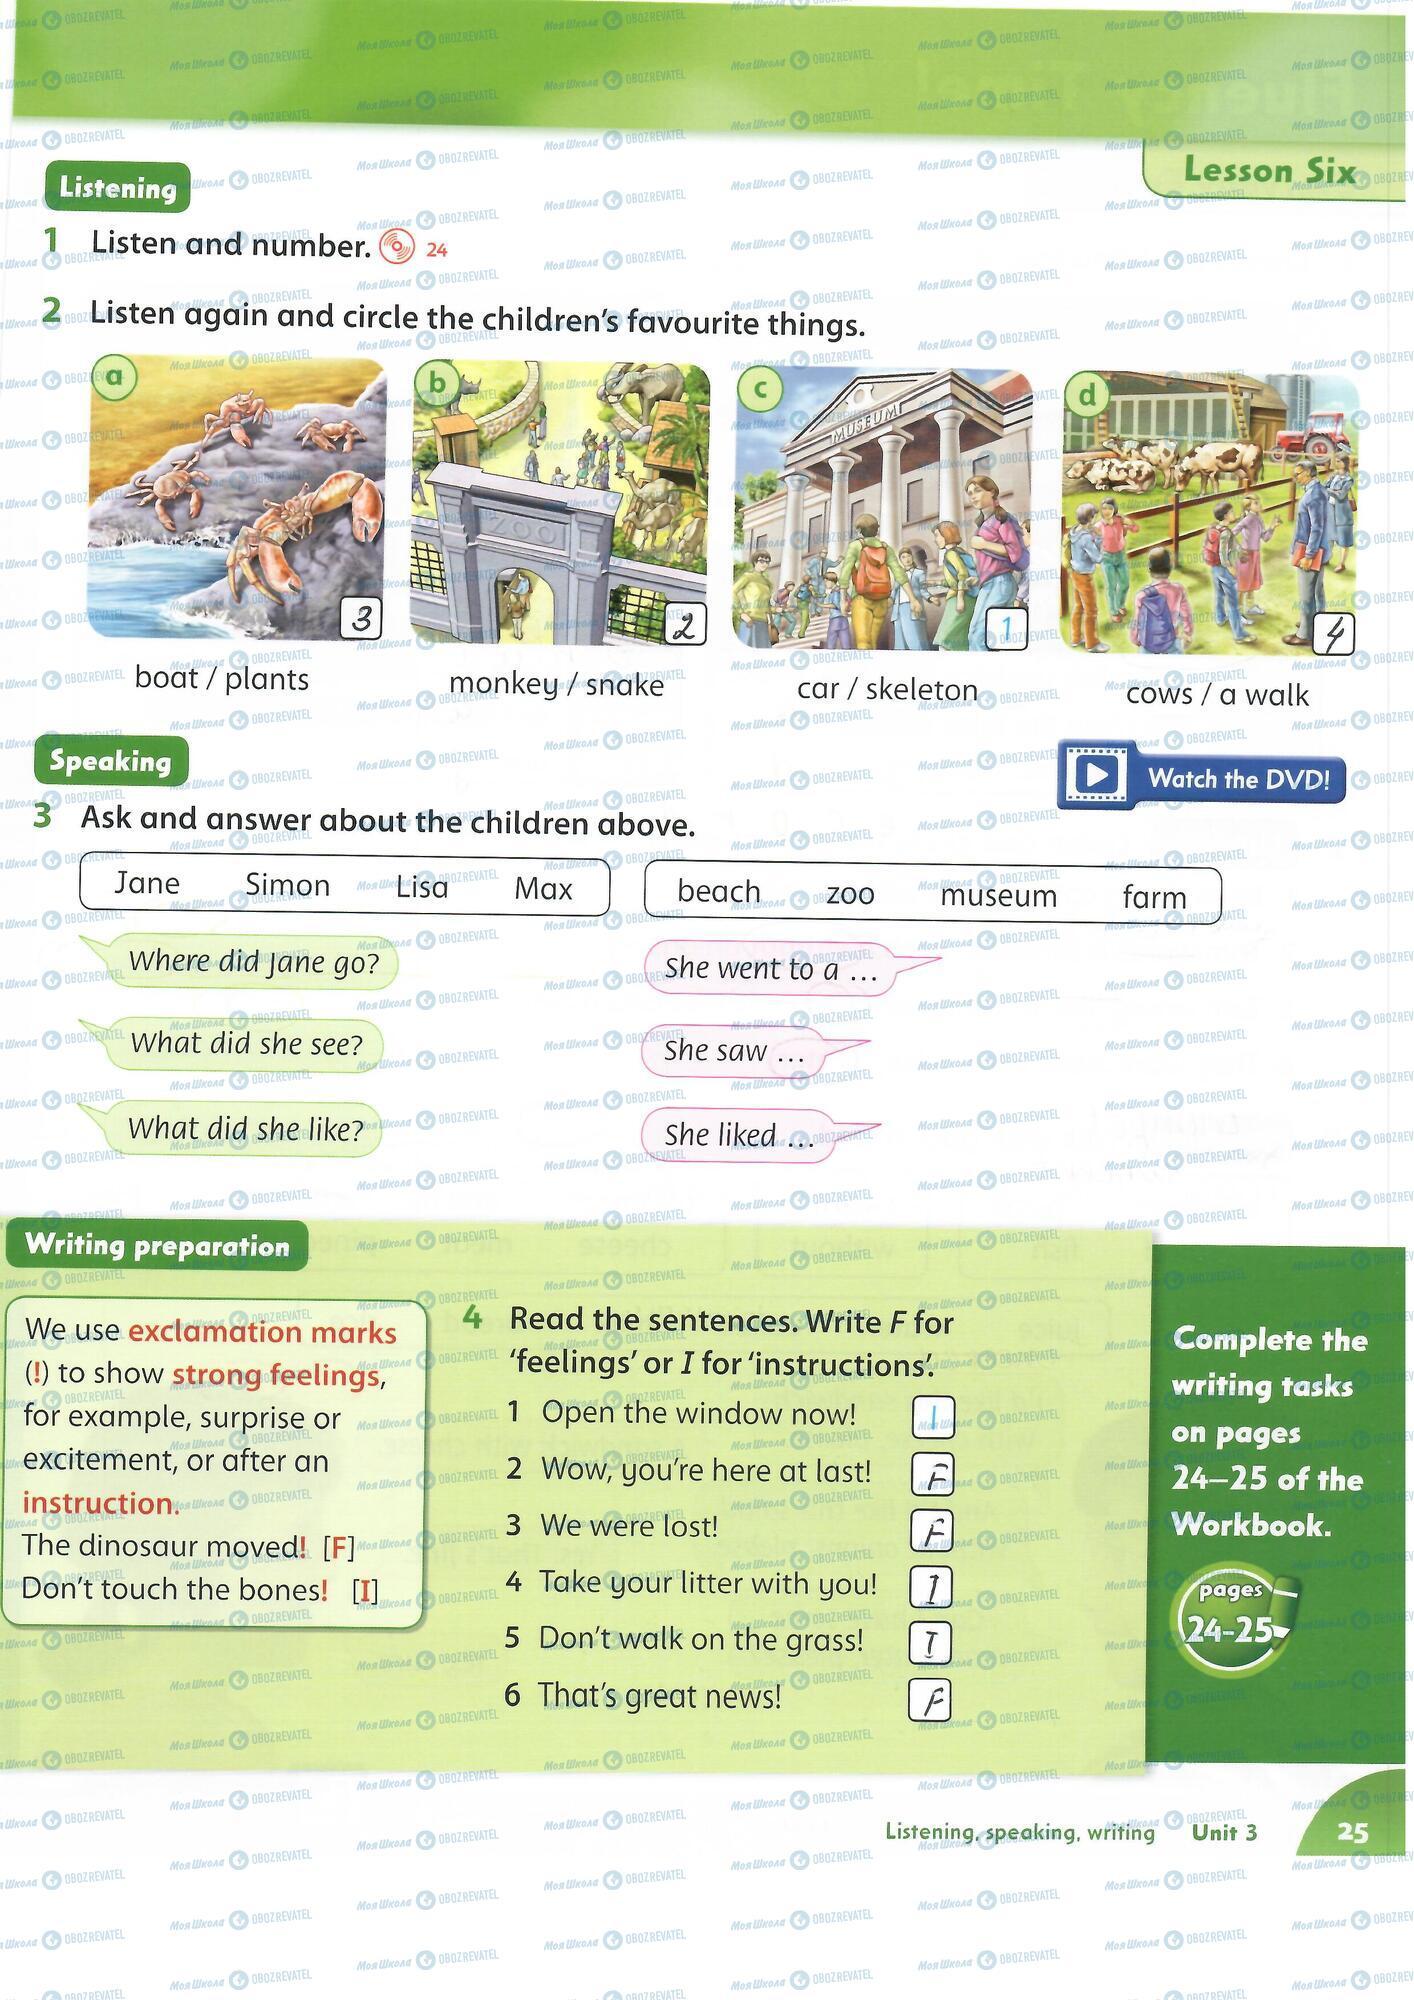 ГДЗ Английский язык 4 класс страница 25